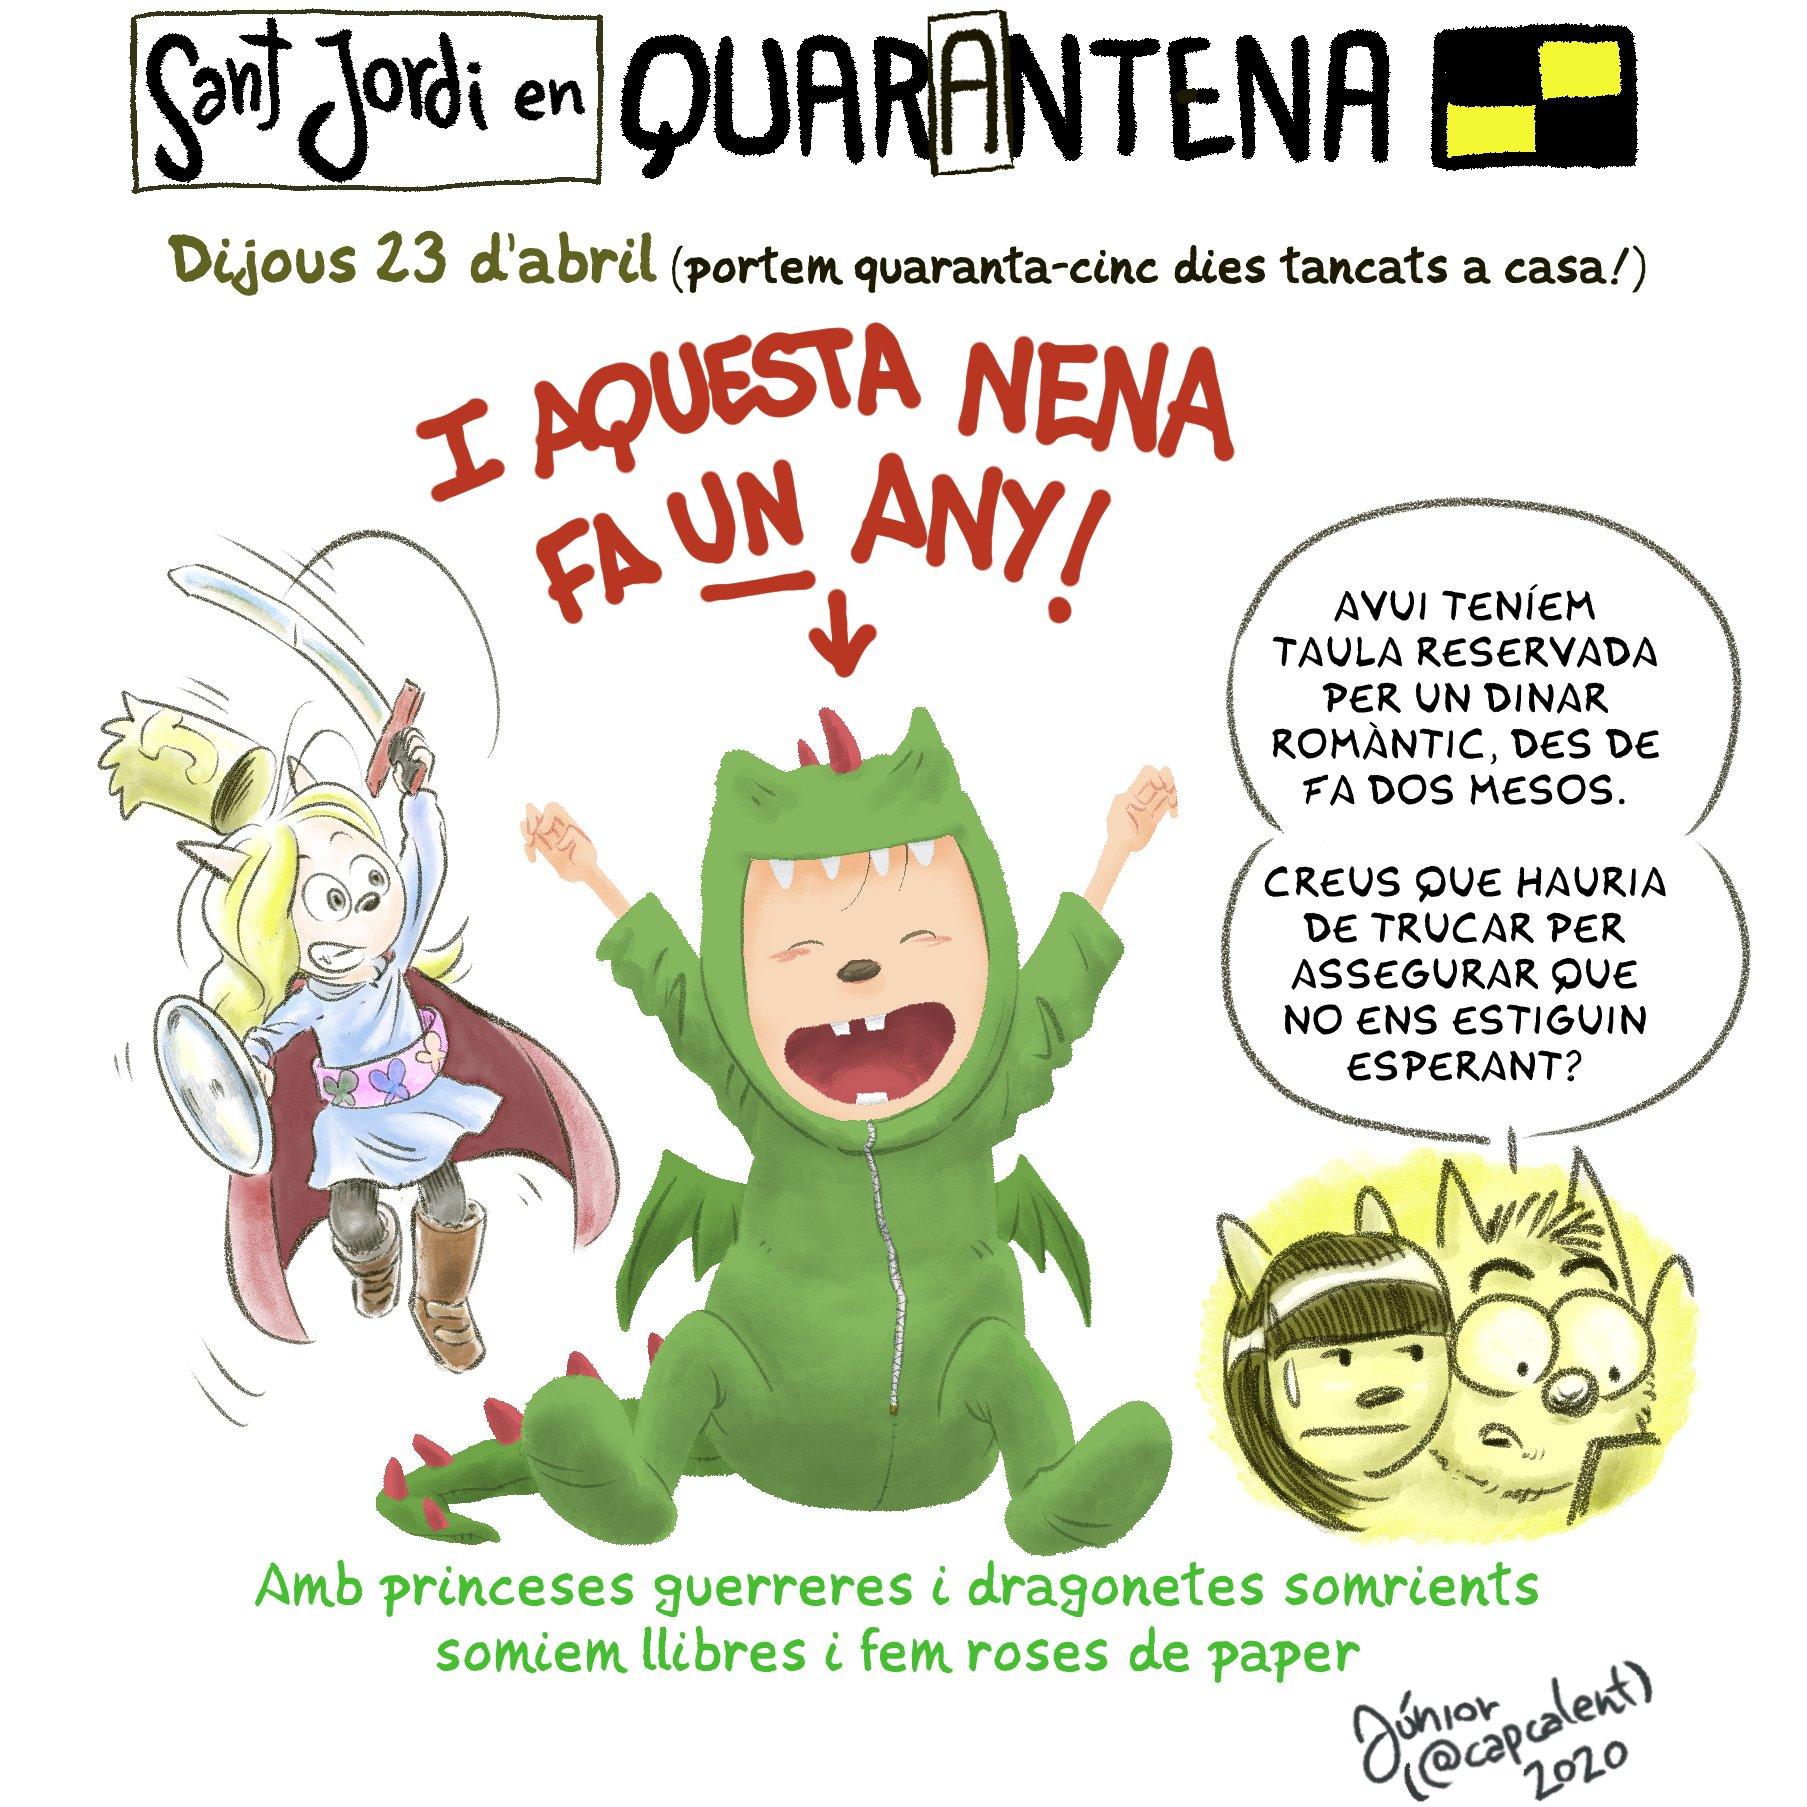 Postaleta Sant Jordi 2020